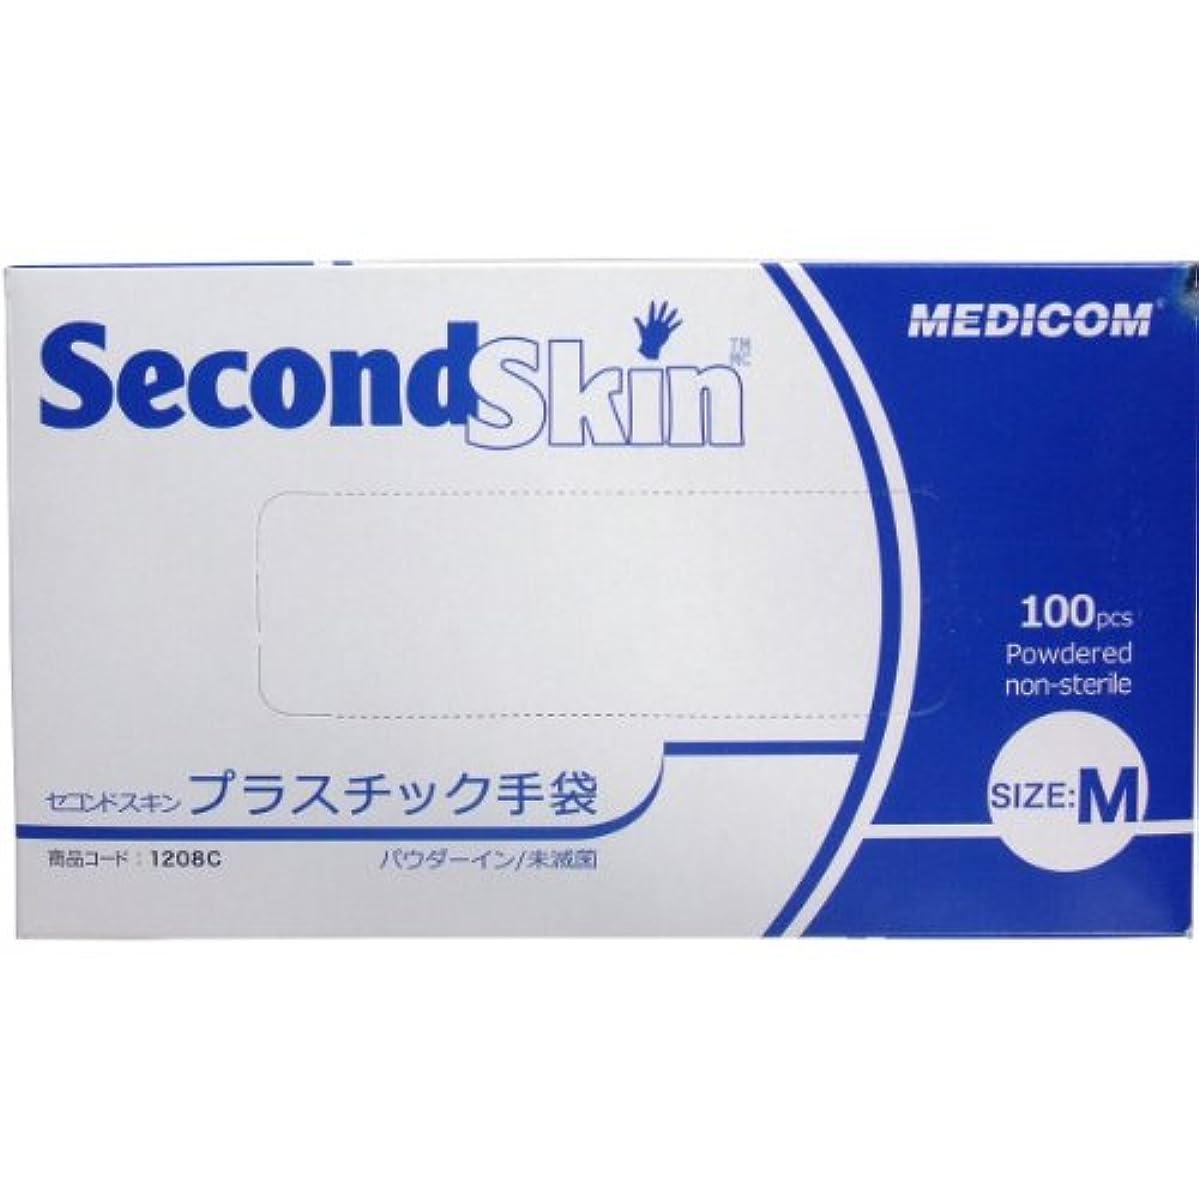 生き物無意識買い物に行くセコンドスキン プラスチック手袋 Mサイズ 100枚入